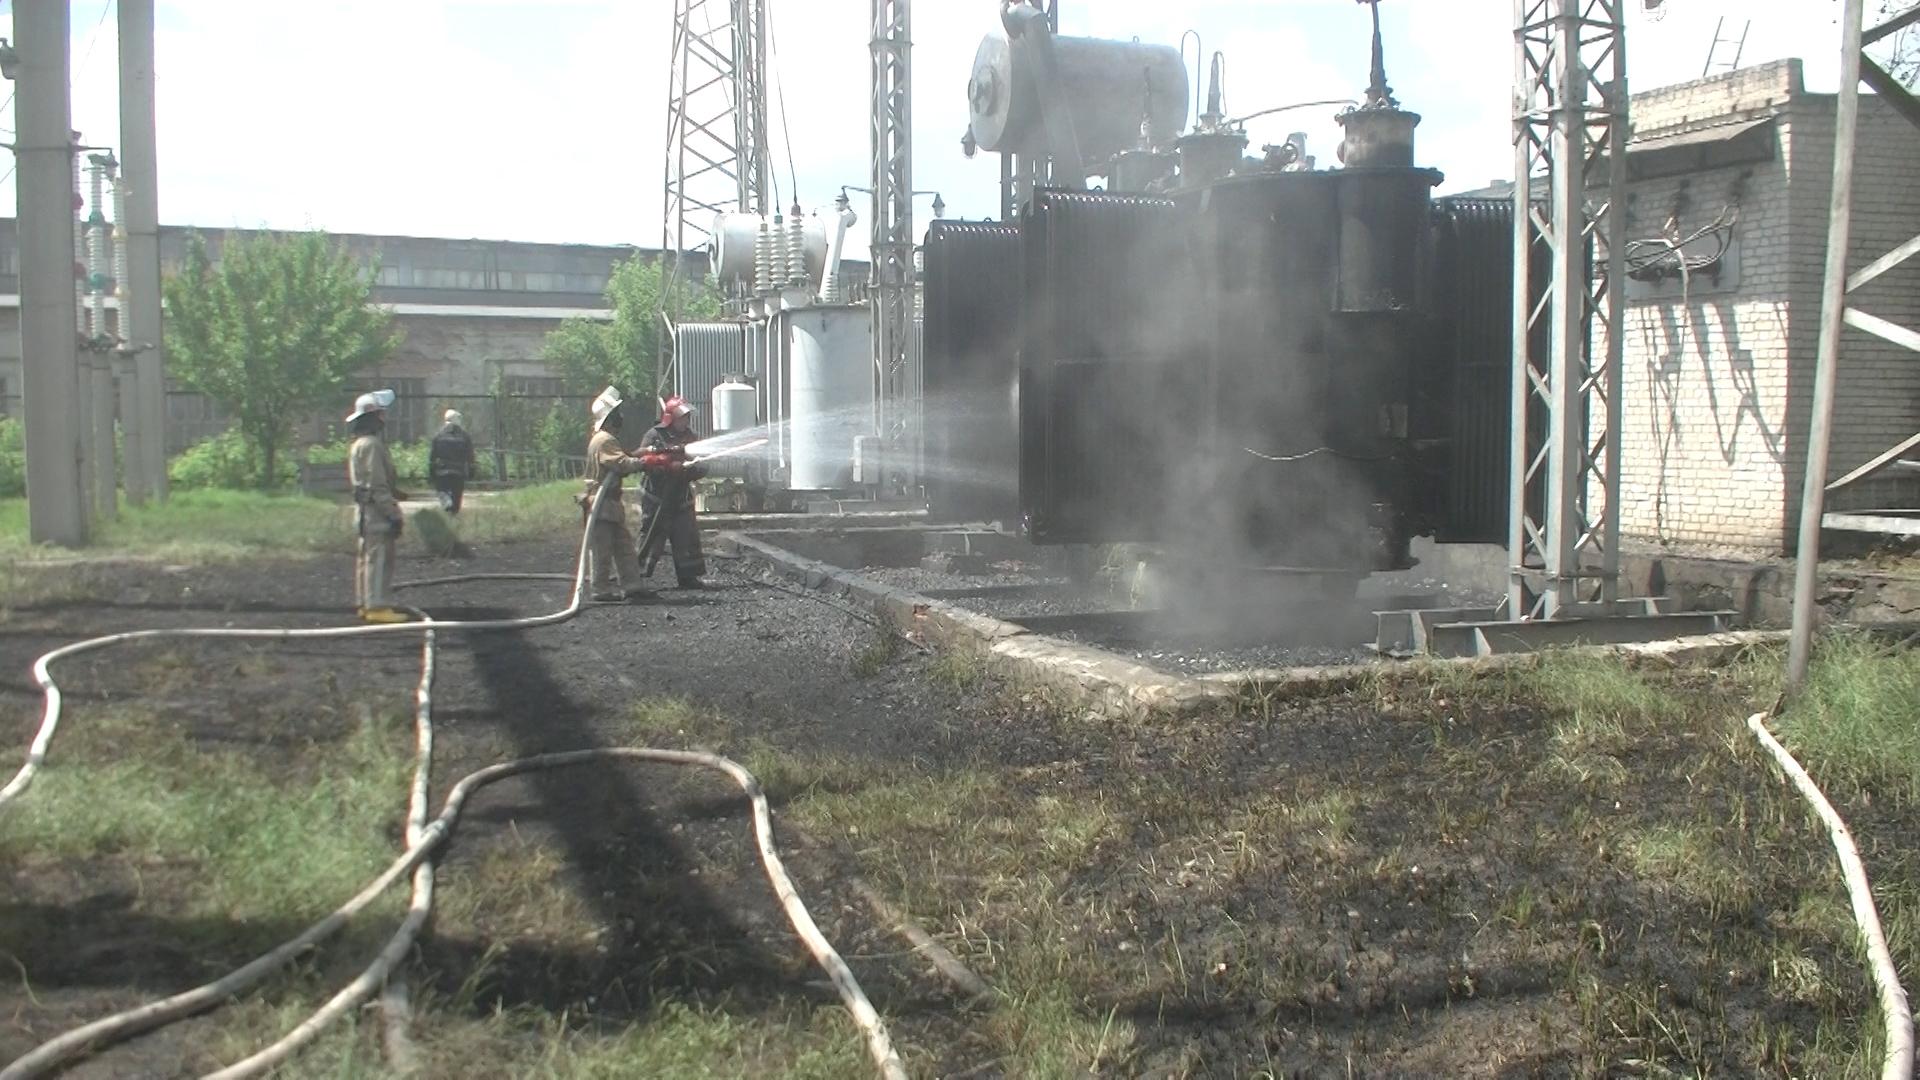 Рятувальники прокоментували пожежу на підстанції в Харкові (ВІДЕО, ФОТО)  - фото 1